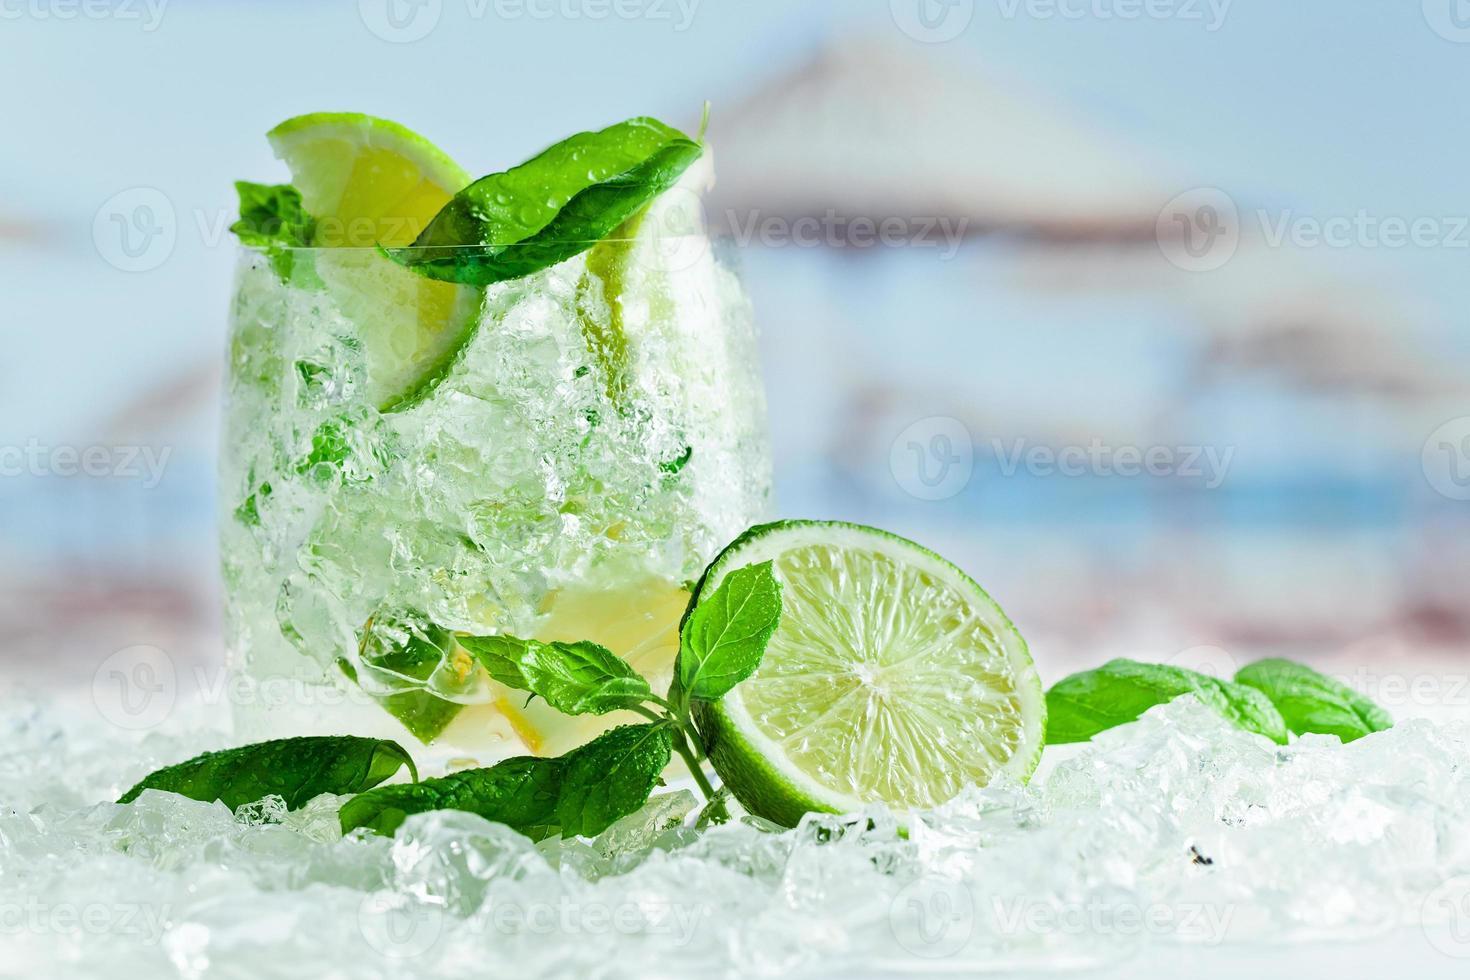 stukjes limoen en blaadjes munt met ijs foto